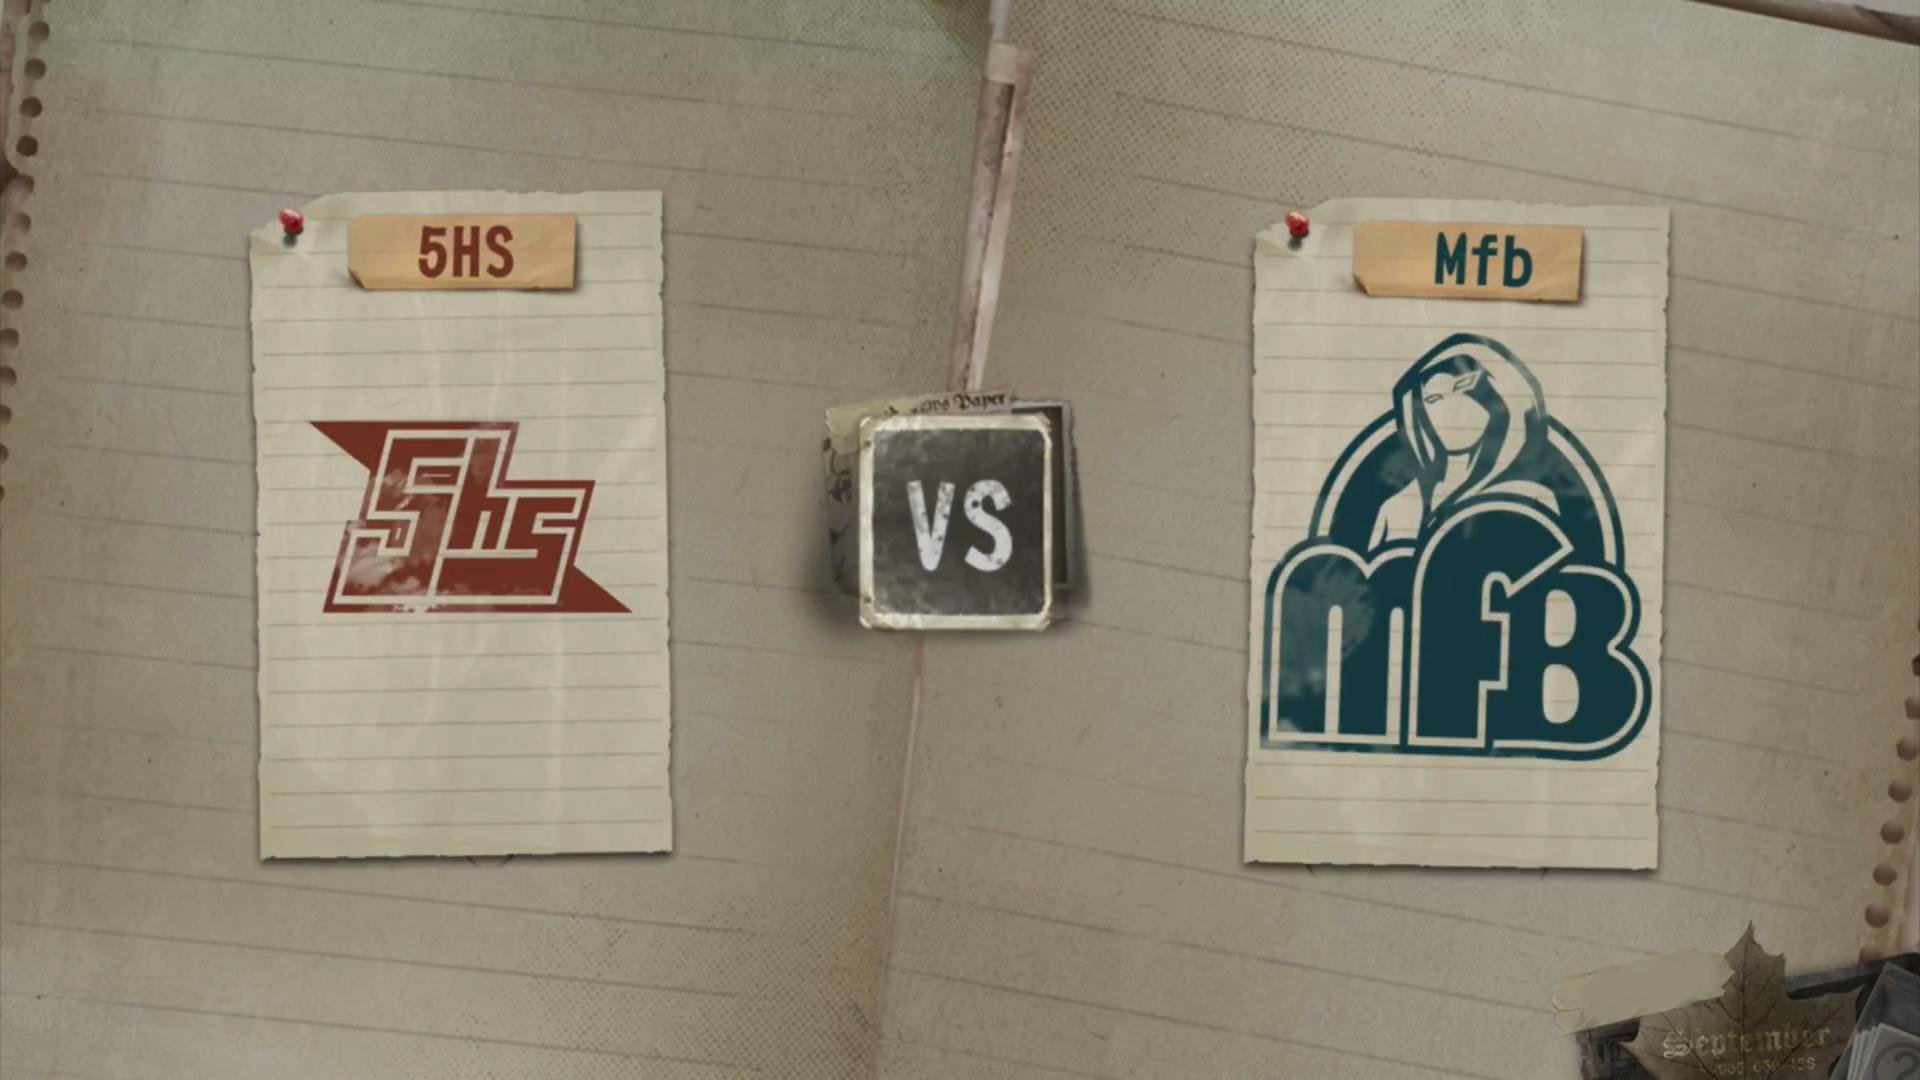 8月11日,周日,败者组第二轮 5HS VS Mfb